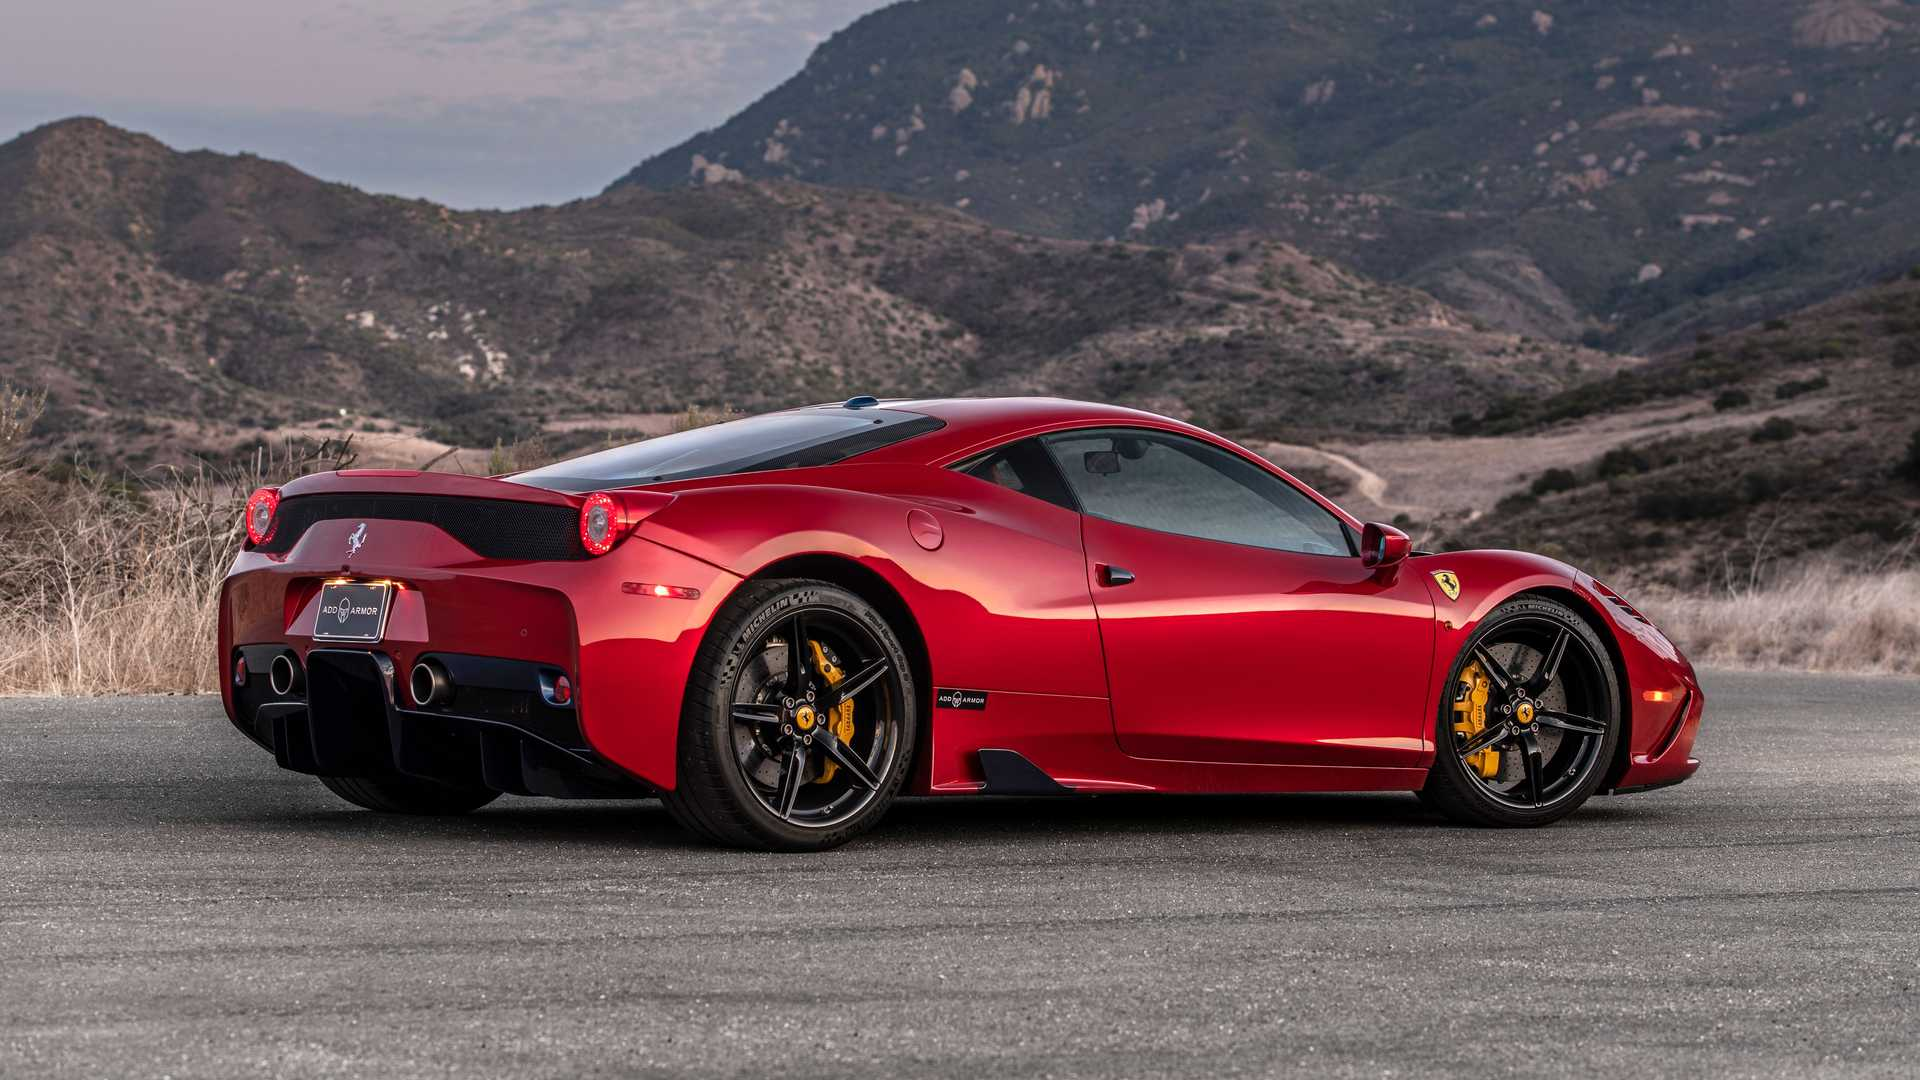 Ferrari-458-Speciale-AddArmor-5